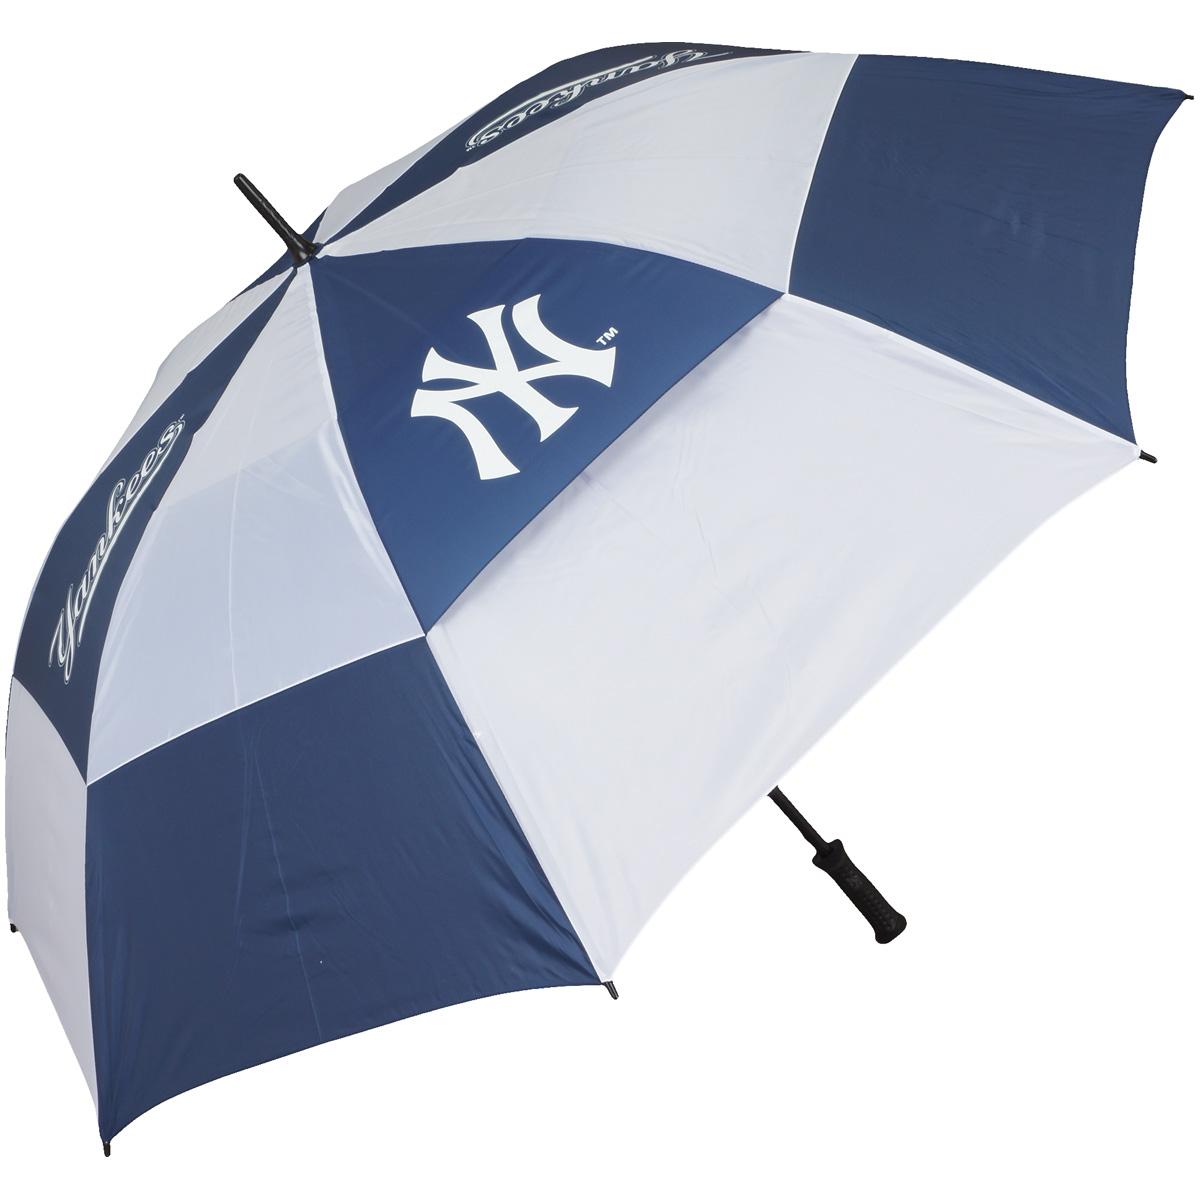 NYヤンキース 特製傘